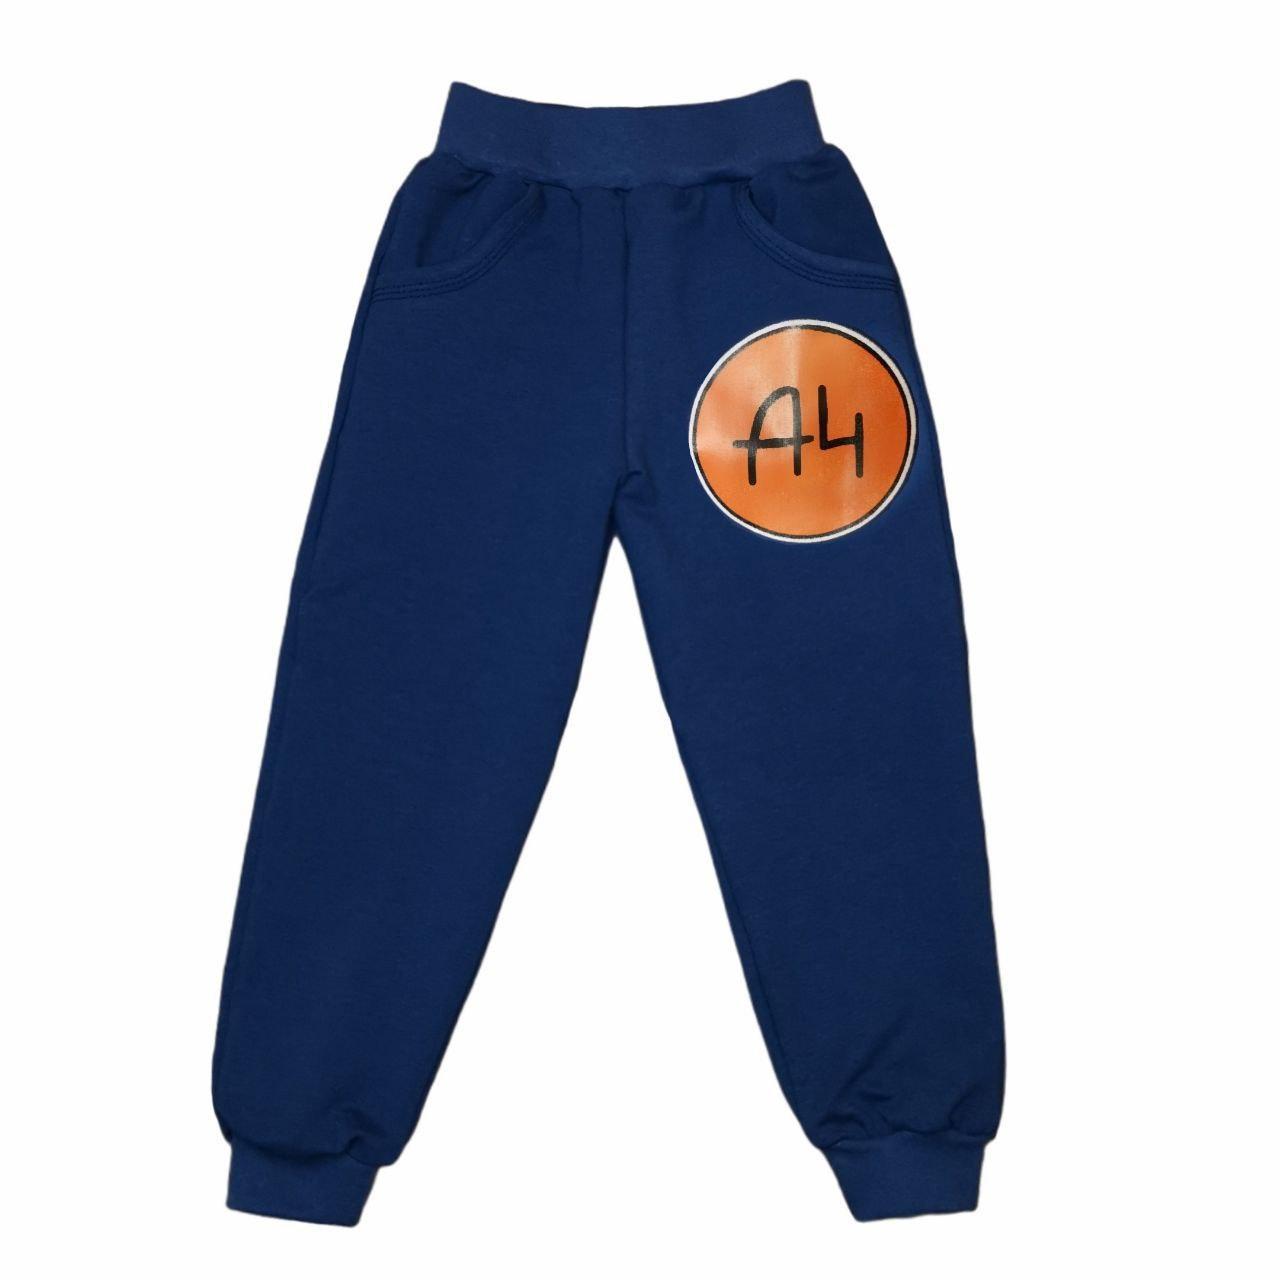 Спортивные штаны детские с принтом A4 двунитка